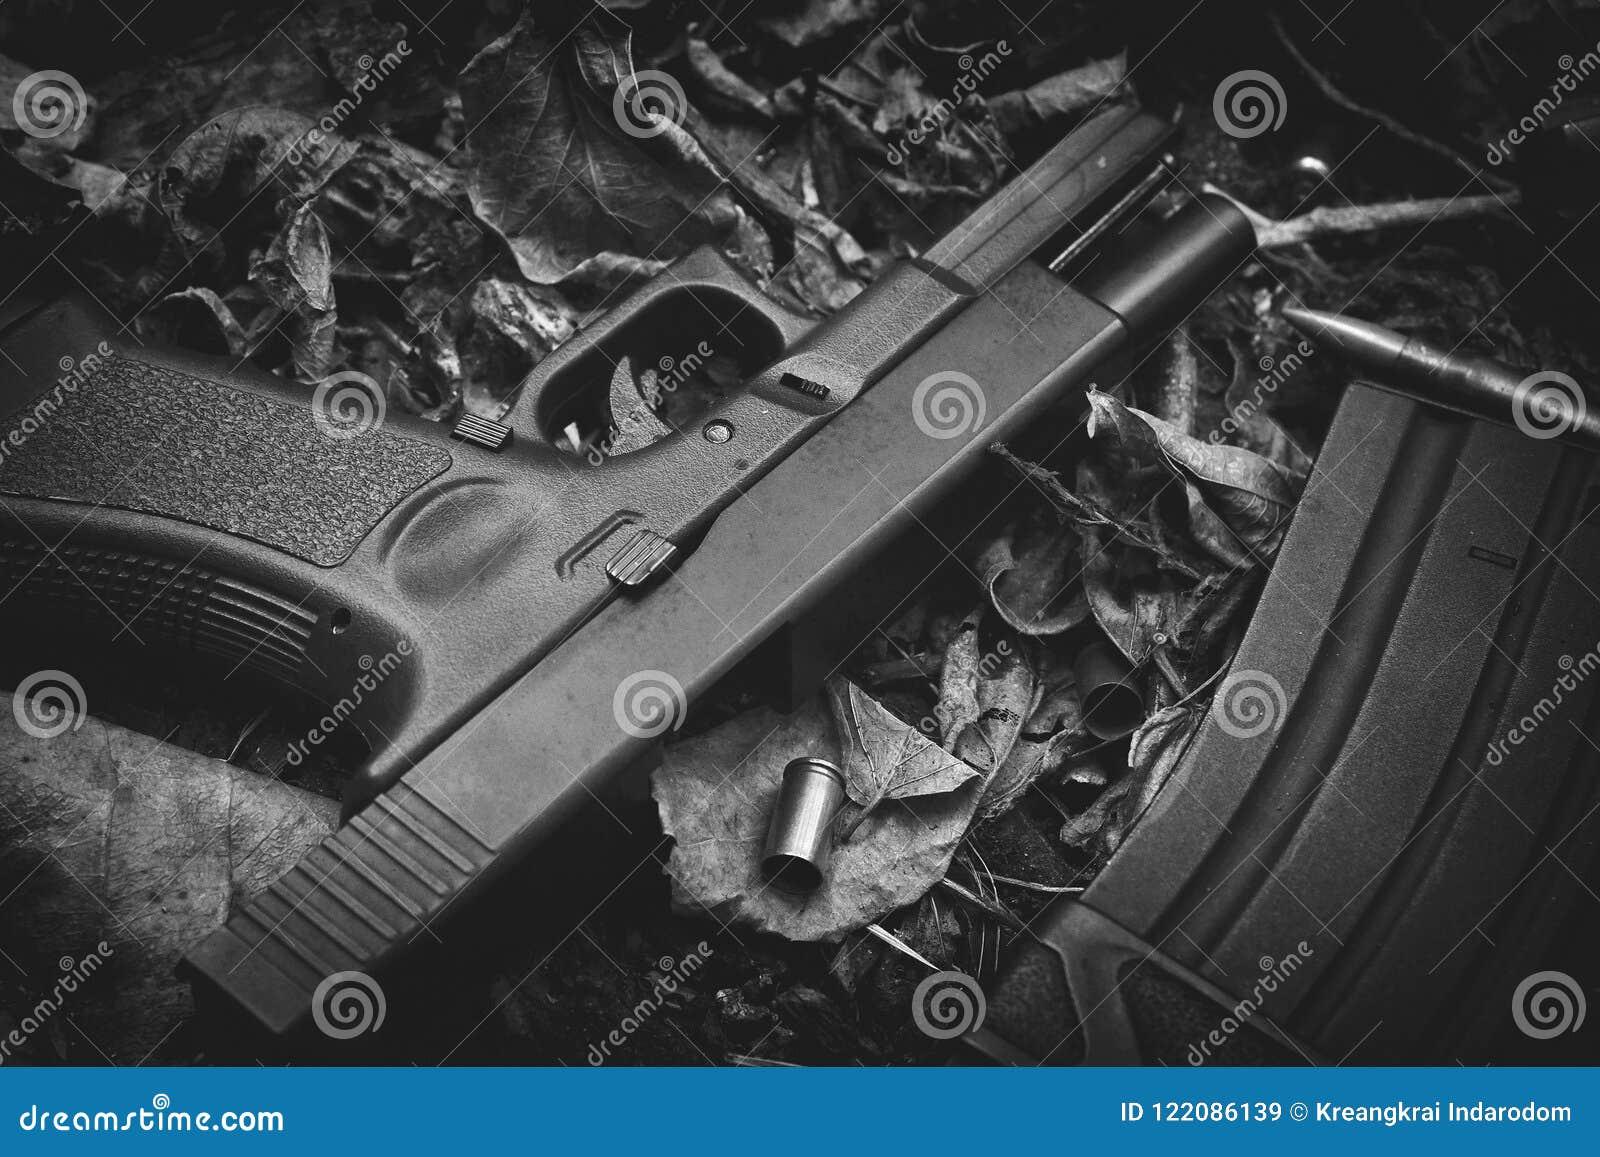 Vapen och kula, vapen och militär utrustning för armén, 9mm pistol